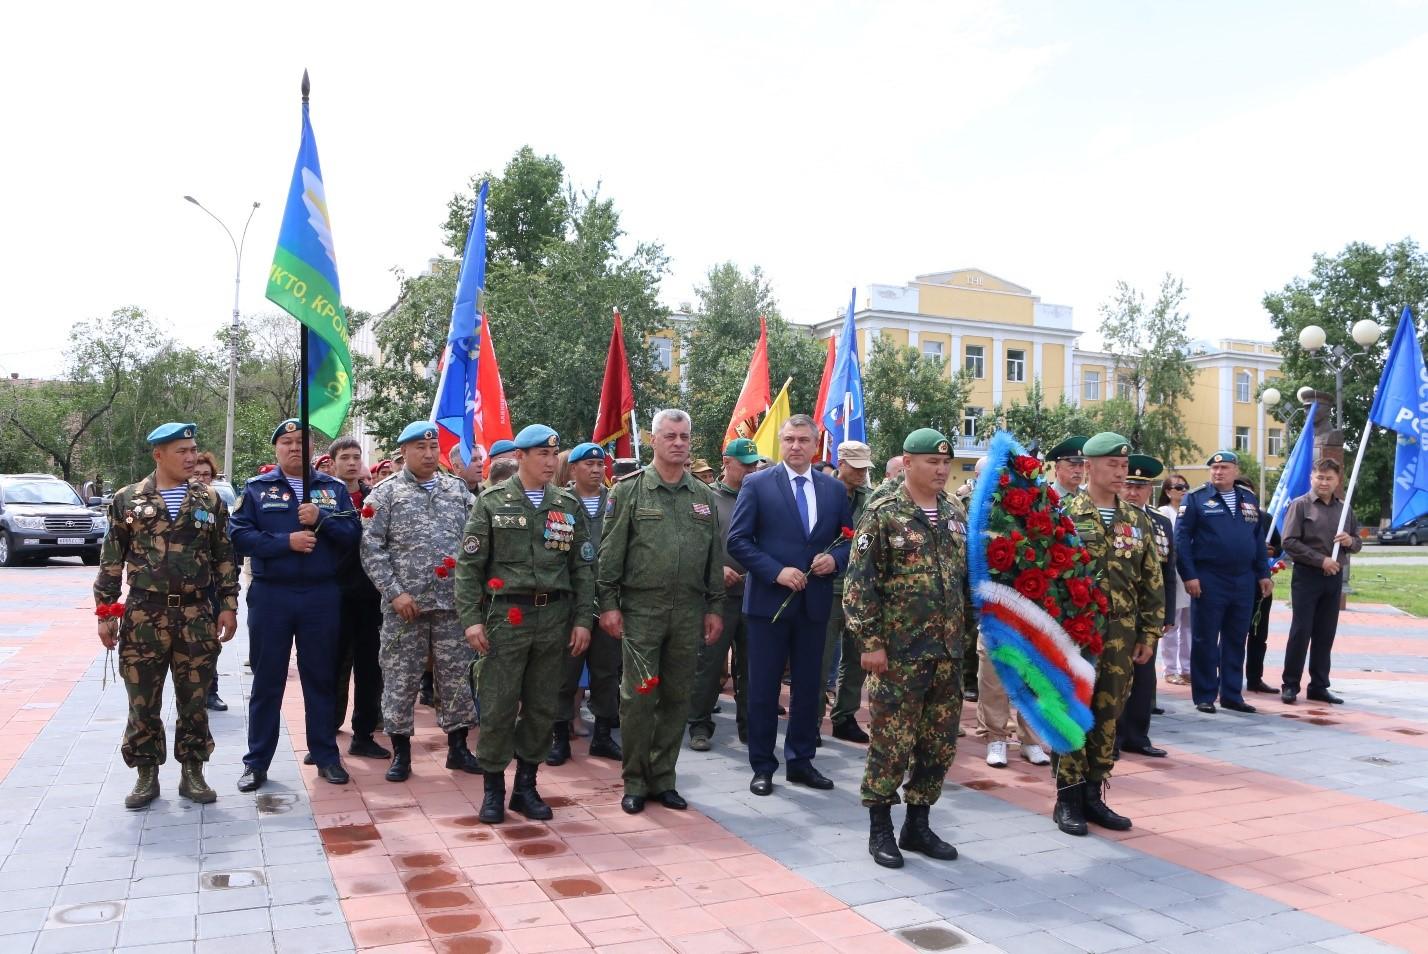 Цветы к памятникам героев Великой Отечественной войны и локальных войн возложили в Кызыле участники форума «БОЕВОГО БРАТСТВА»